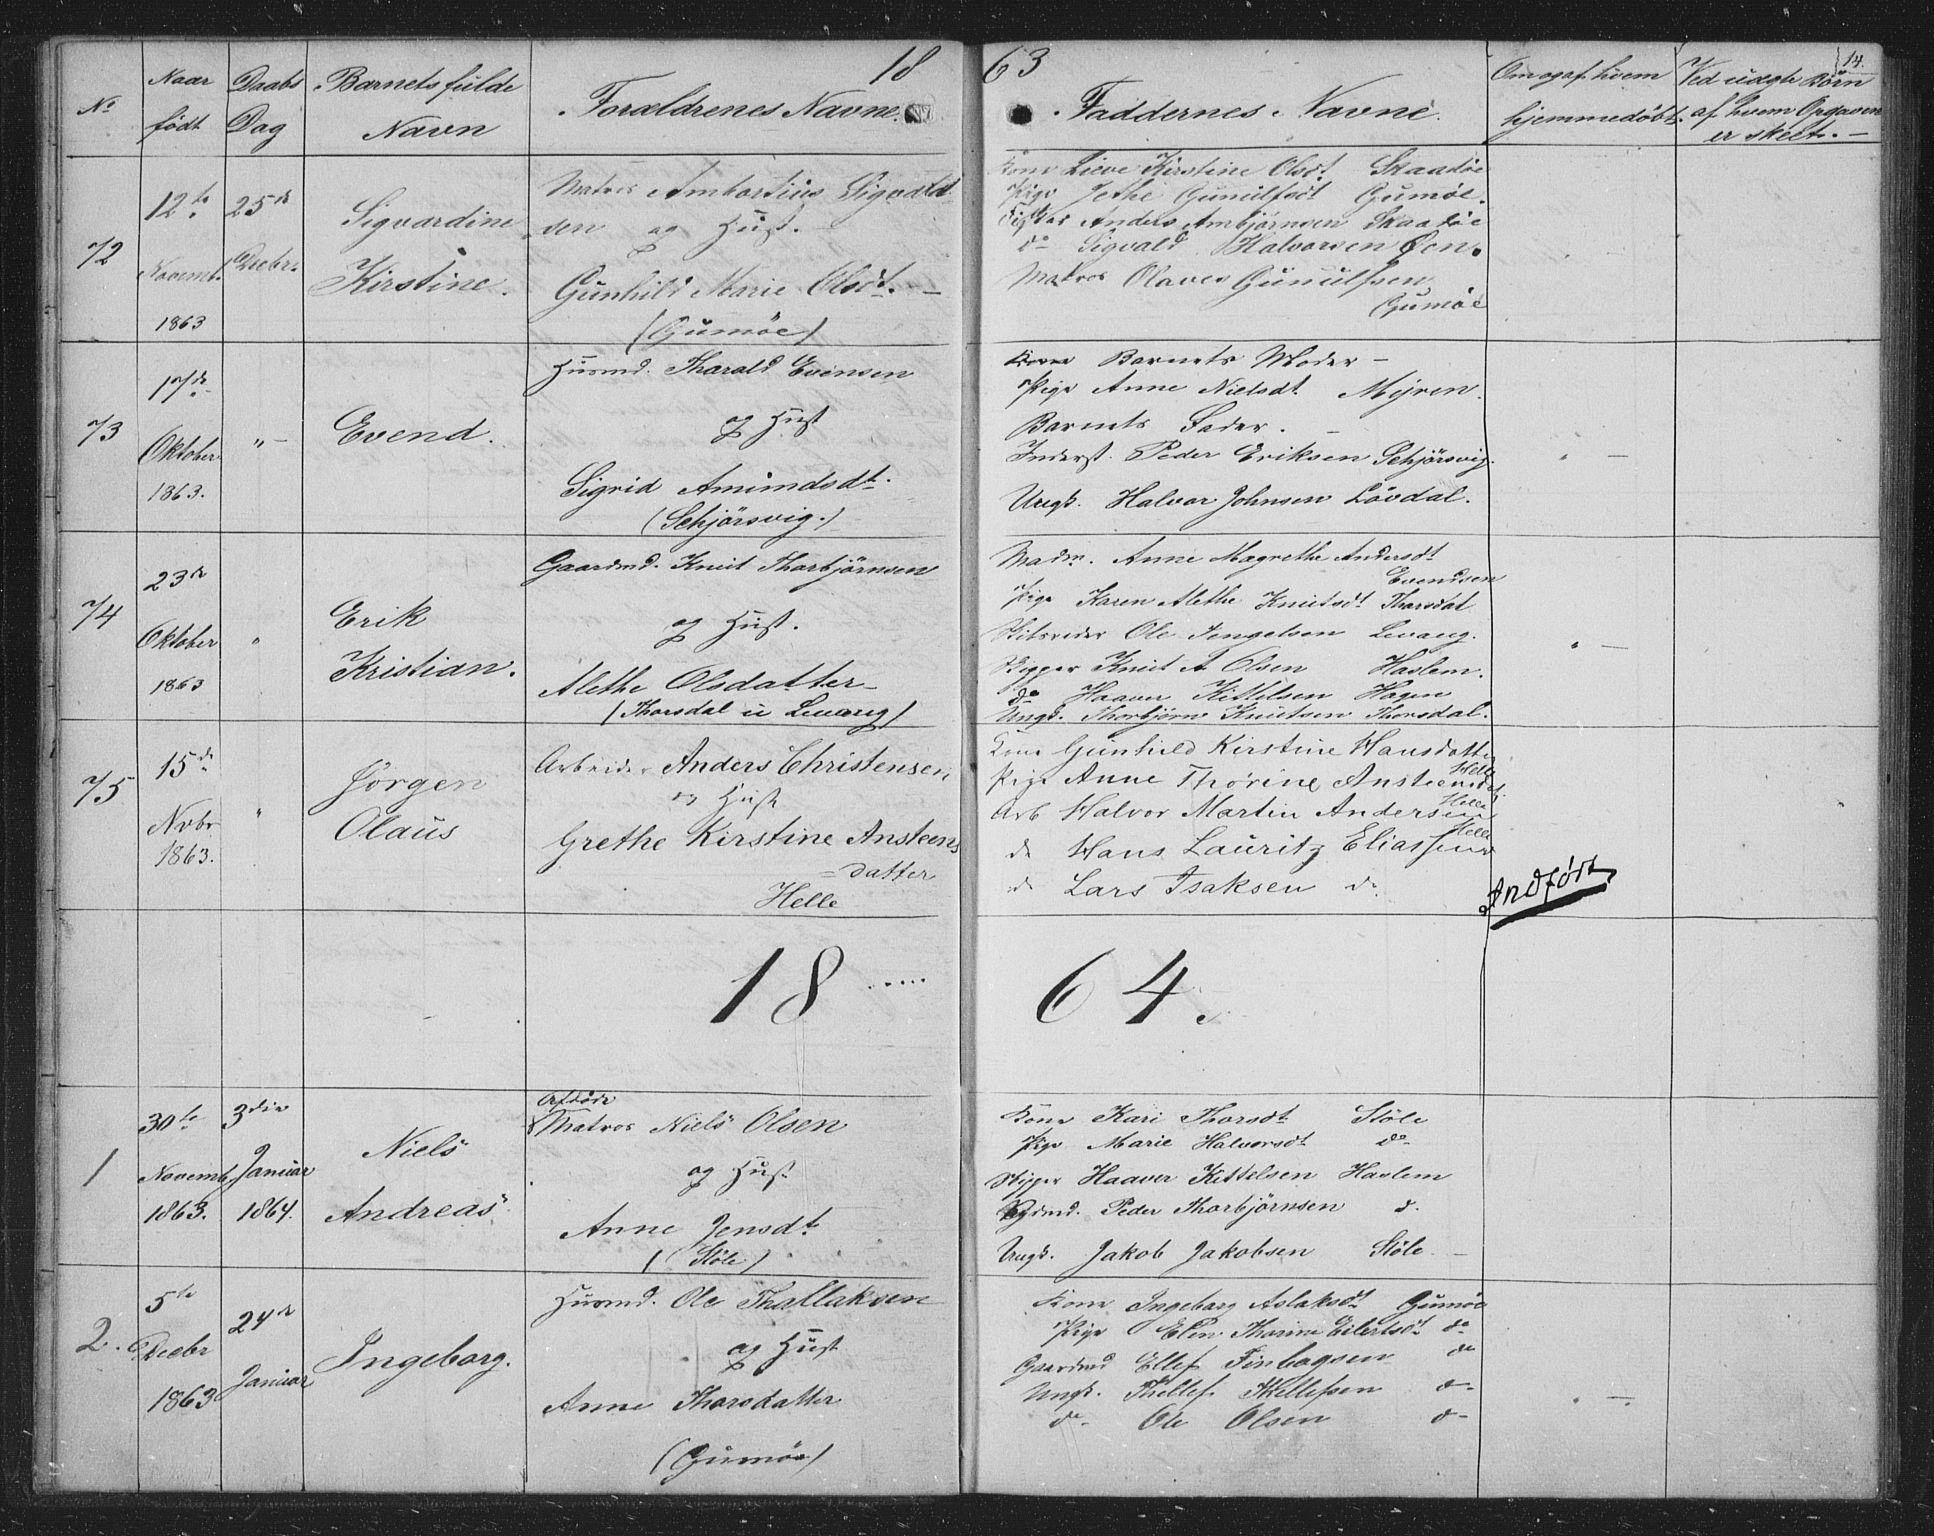 SAKO, Skåtøy kirkebøker, G/Ga/L0001: Klokkerbok nr. I 1, 1862-1872, s. 14